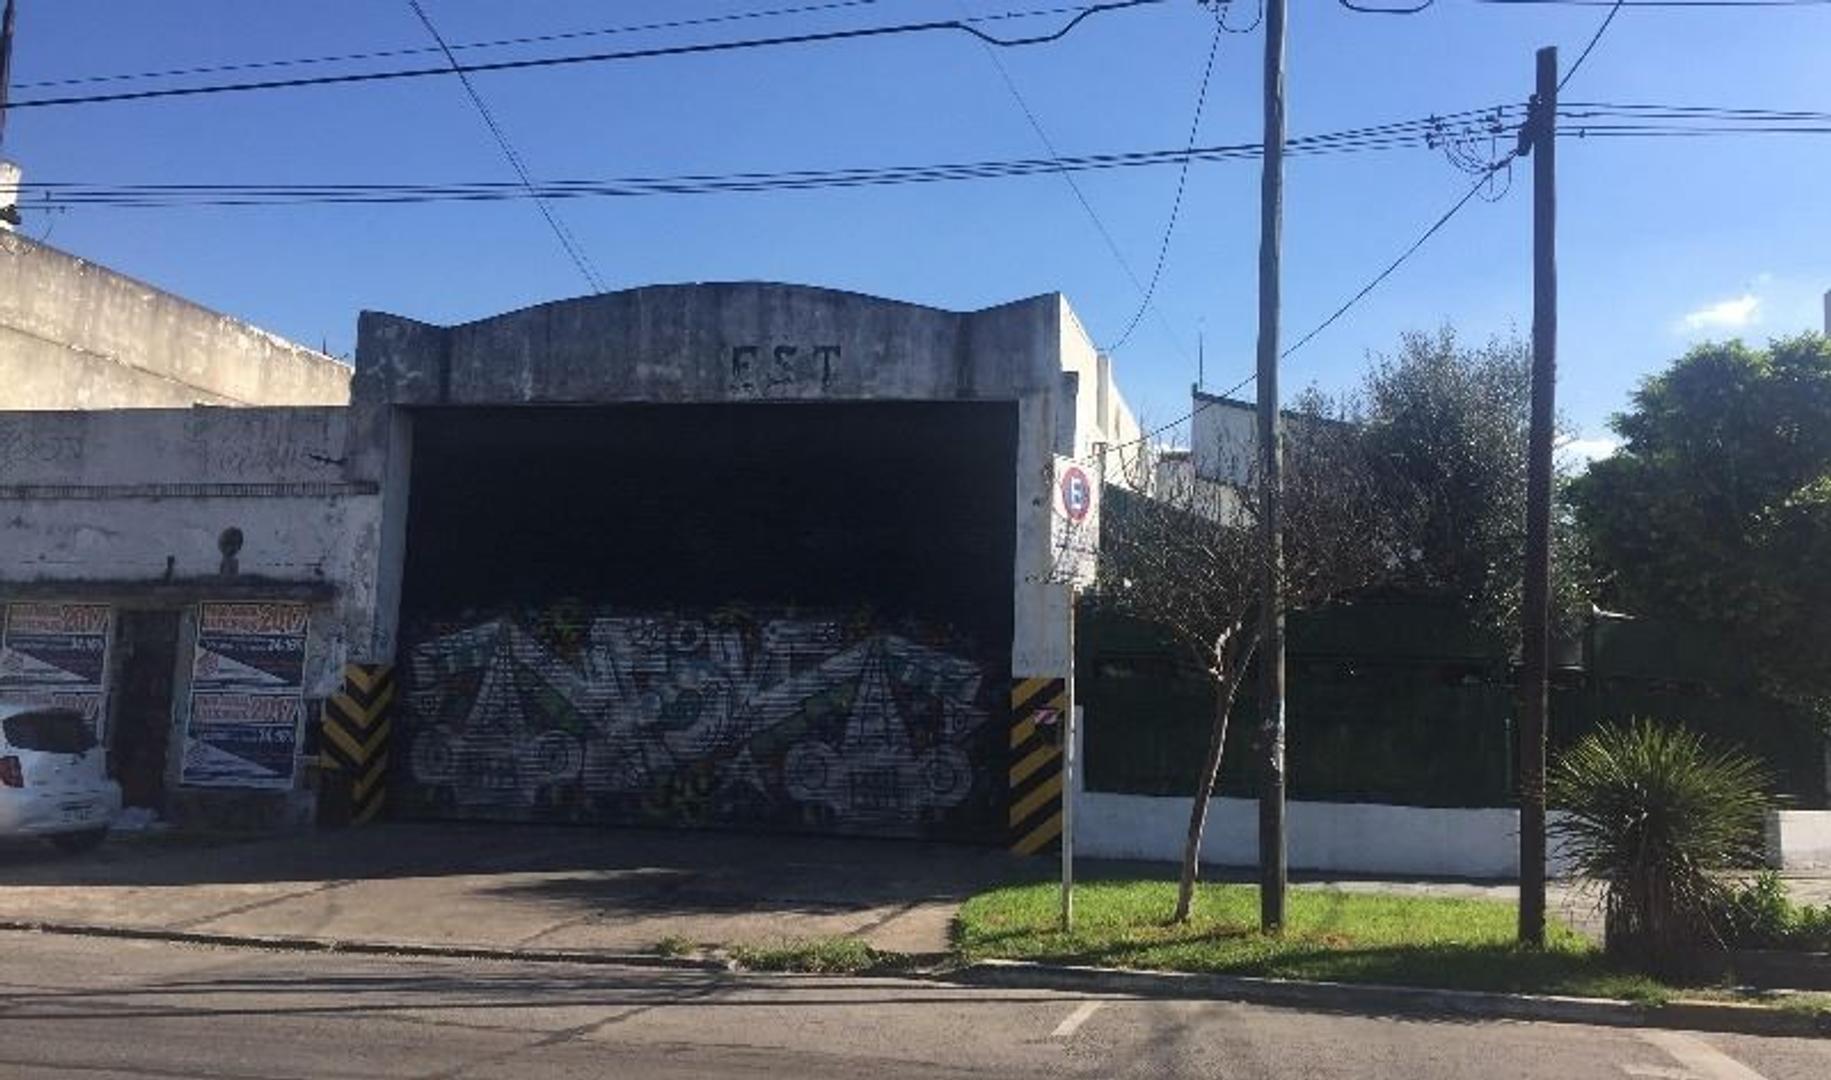 EXCEPCIONAL GALPÓN 275 M2 EN VENTA - S/ AV. PERÓN - SAN JUSTO CENTRO